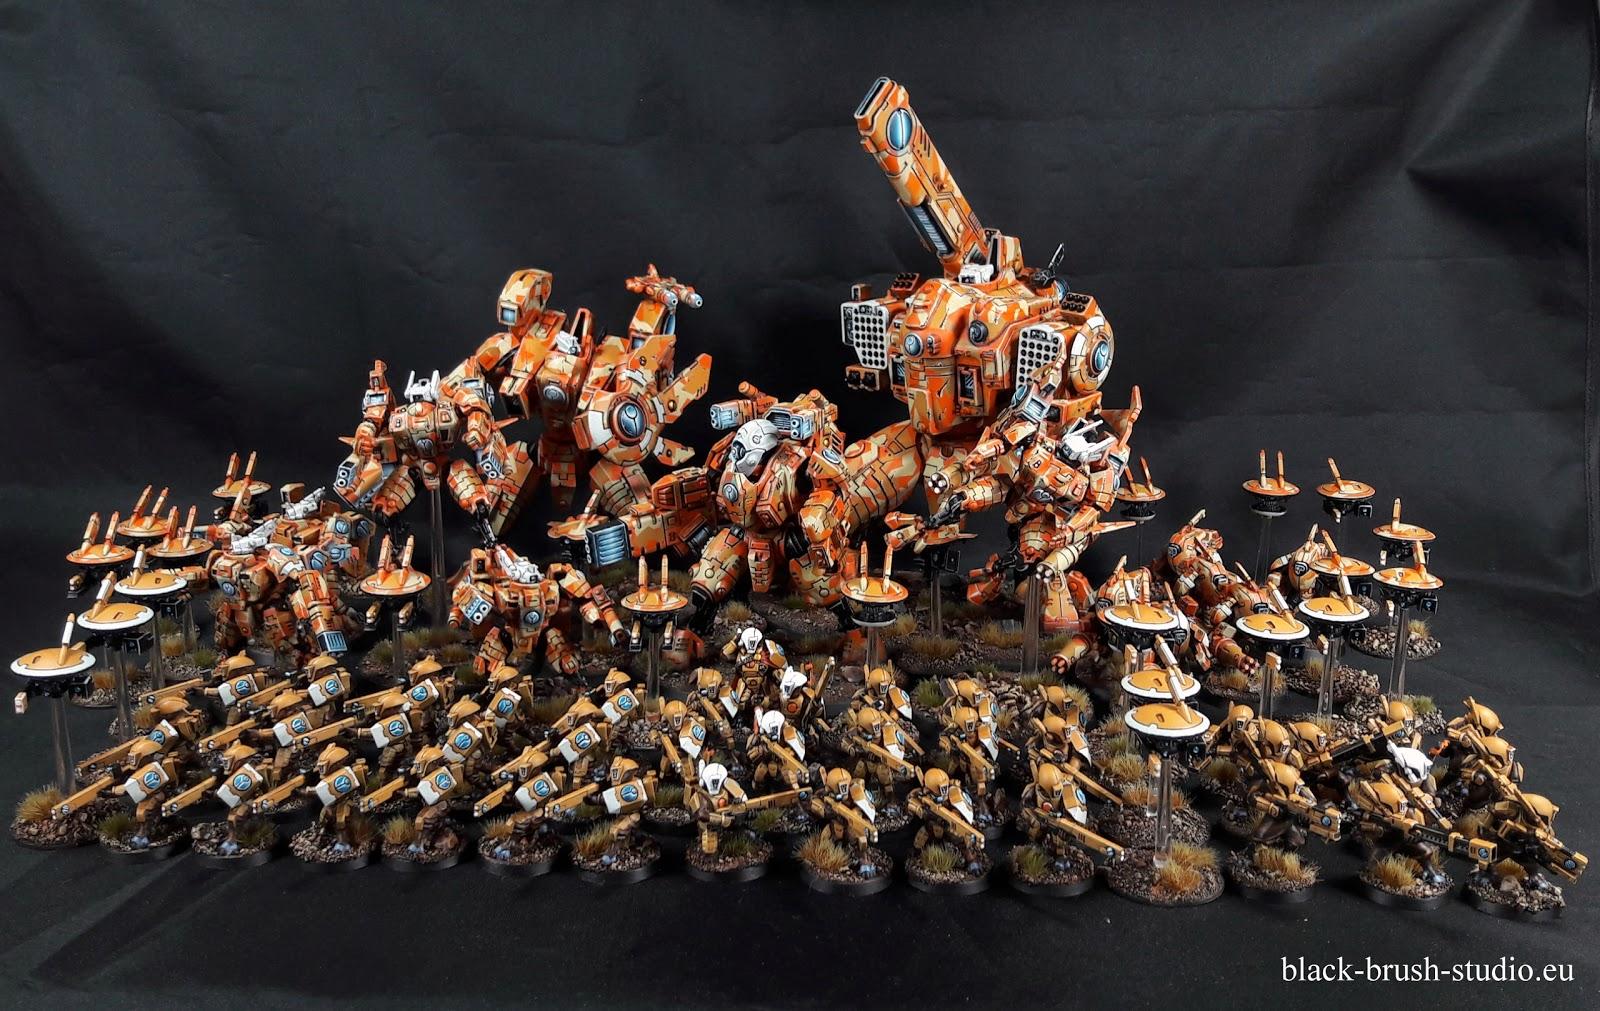 T'au Empire - Army in orange camo